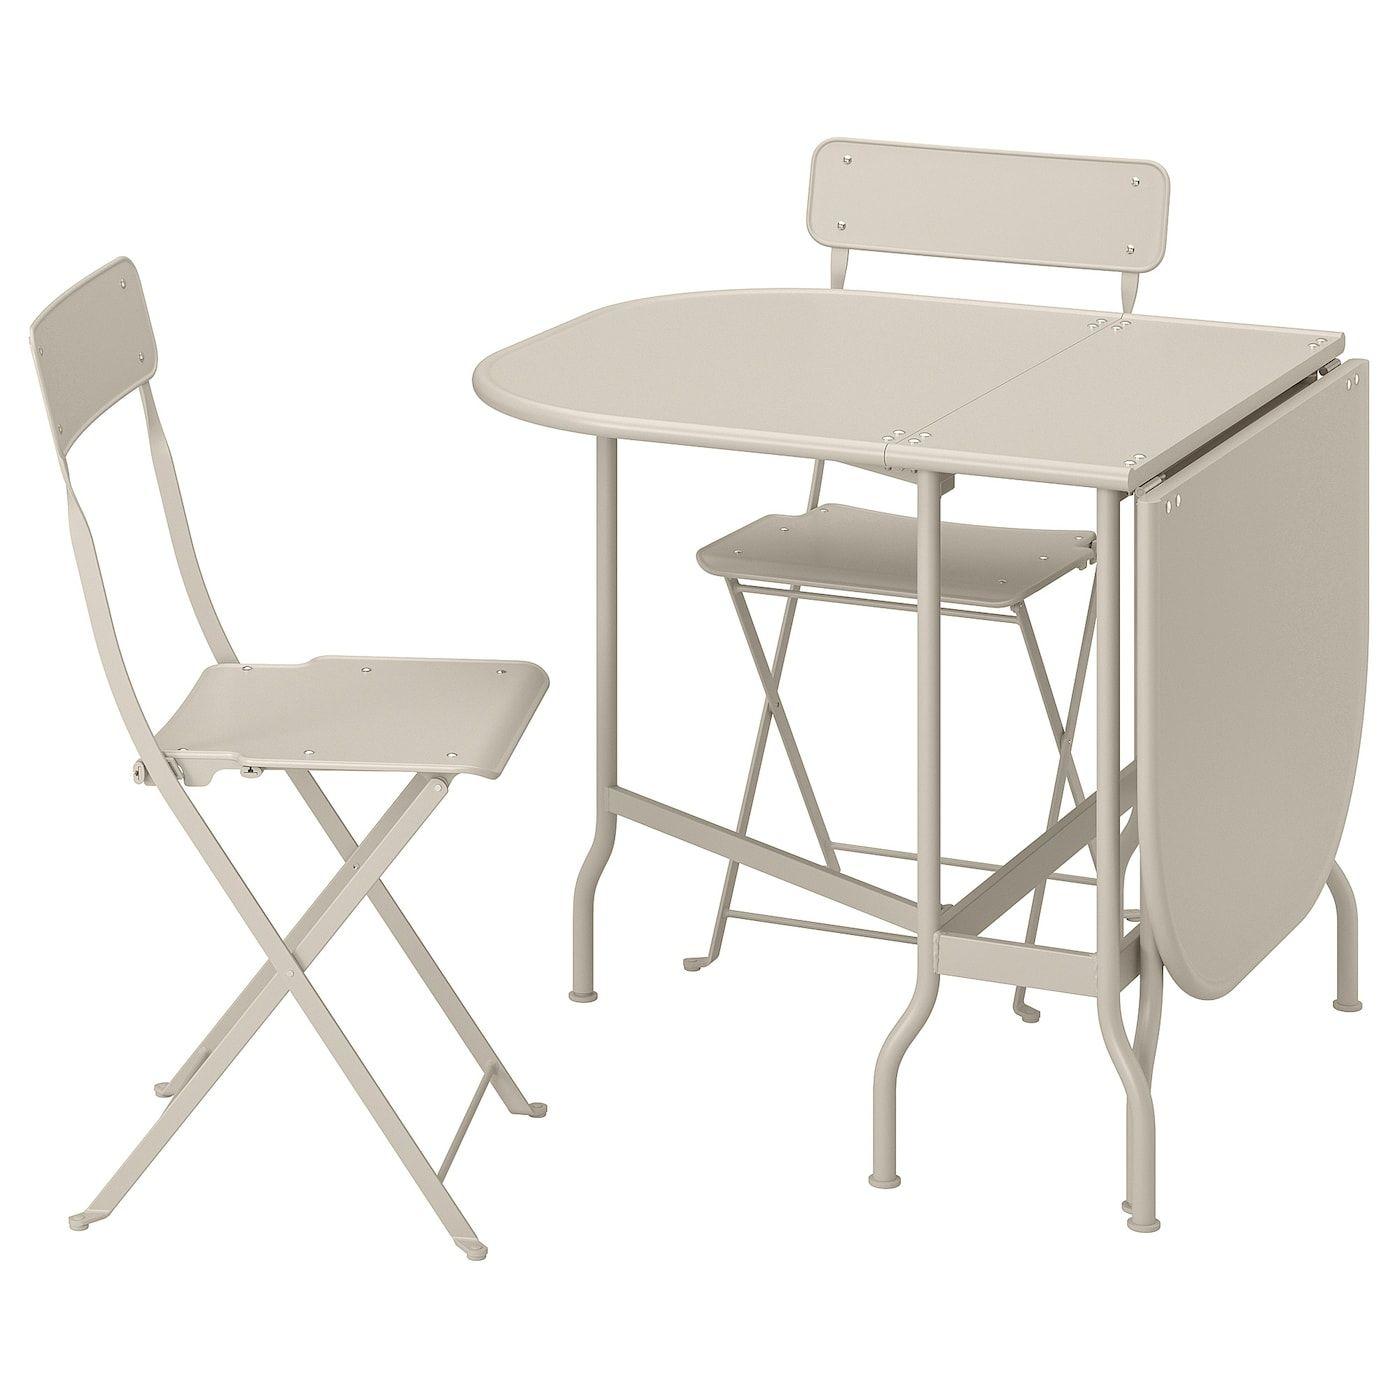 Saltholmen Tisch 2 Klappstuhle Aussen Beige Klappstuhl